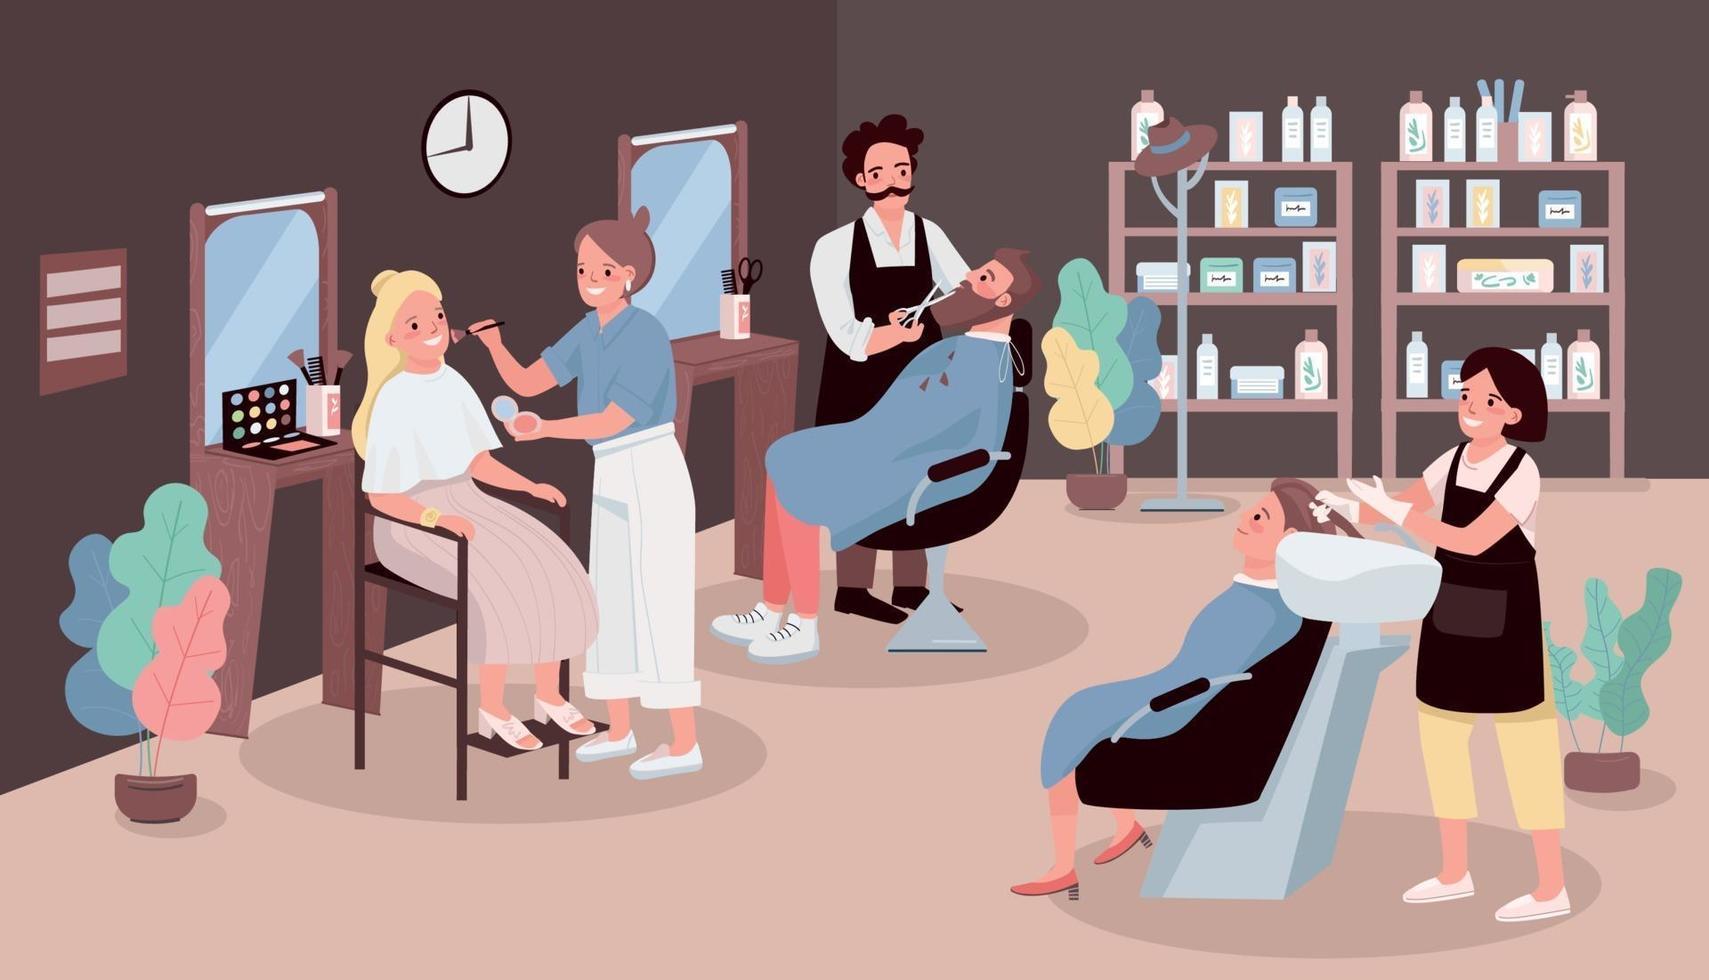 Ilustración de vector de color plano de salón de peluquería. hombre cortando barba. peluquero lavando el cabello de la mujer. artista aplica maquillaje. Estilistas personajes de dibujos animados en 2d con muebles de salón de belleza en el fondo